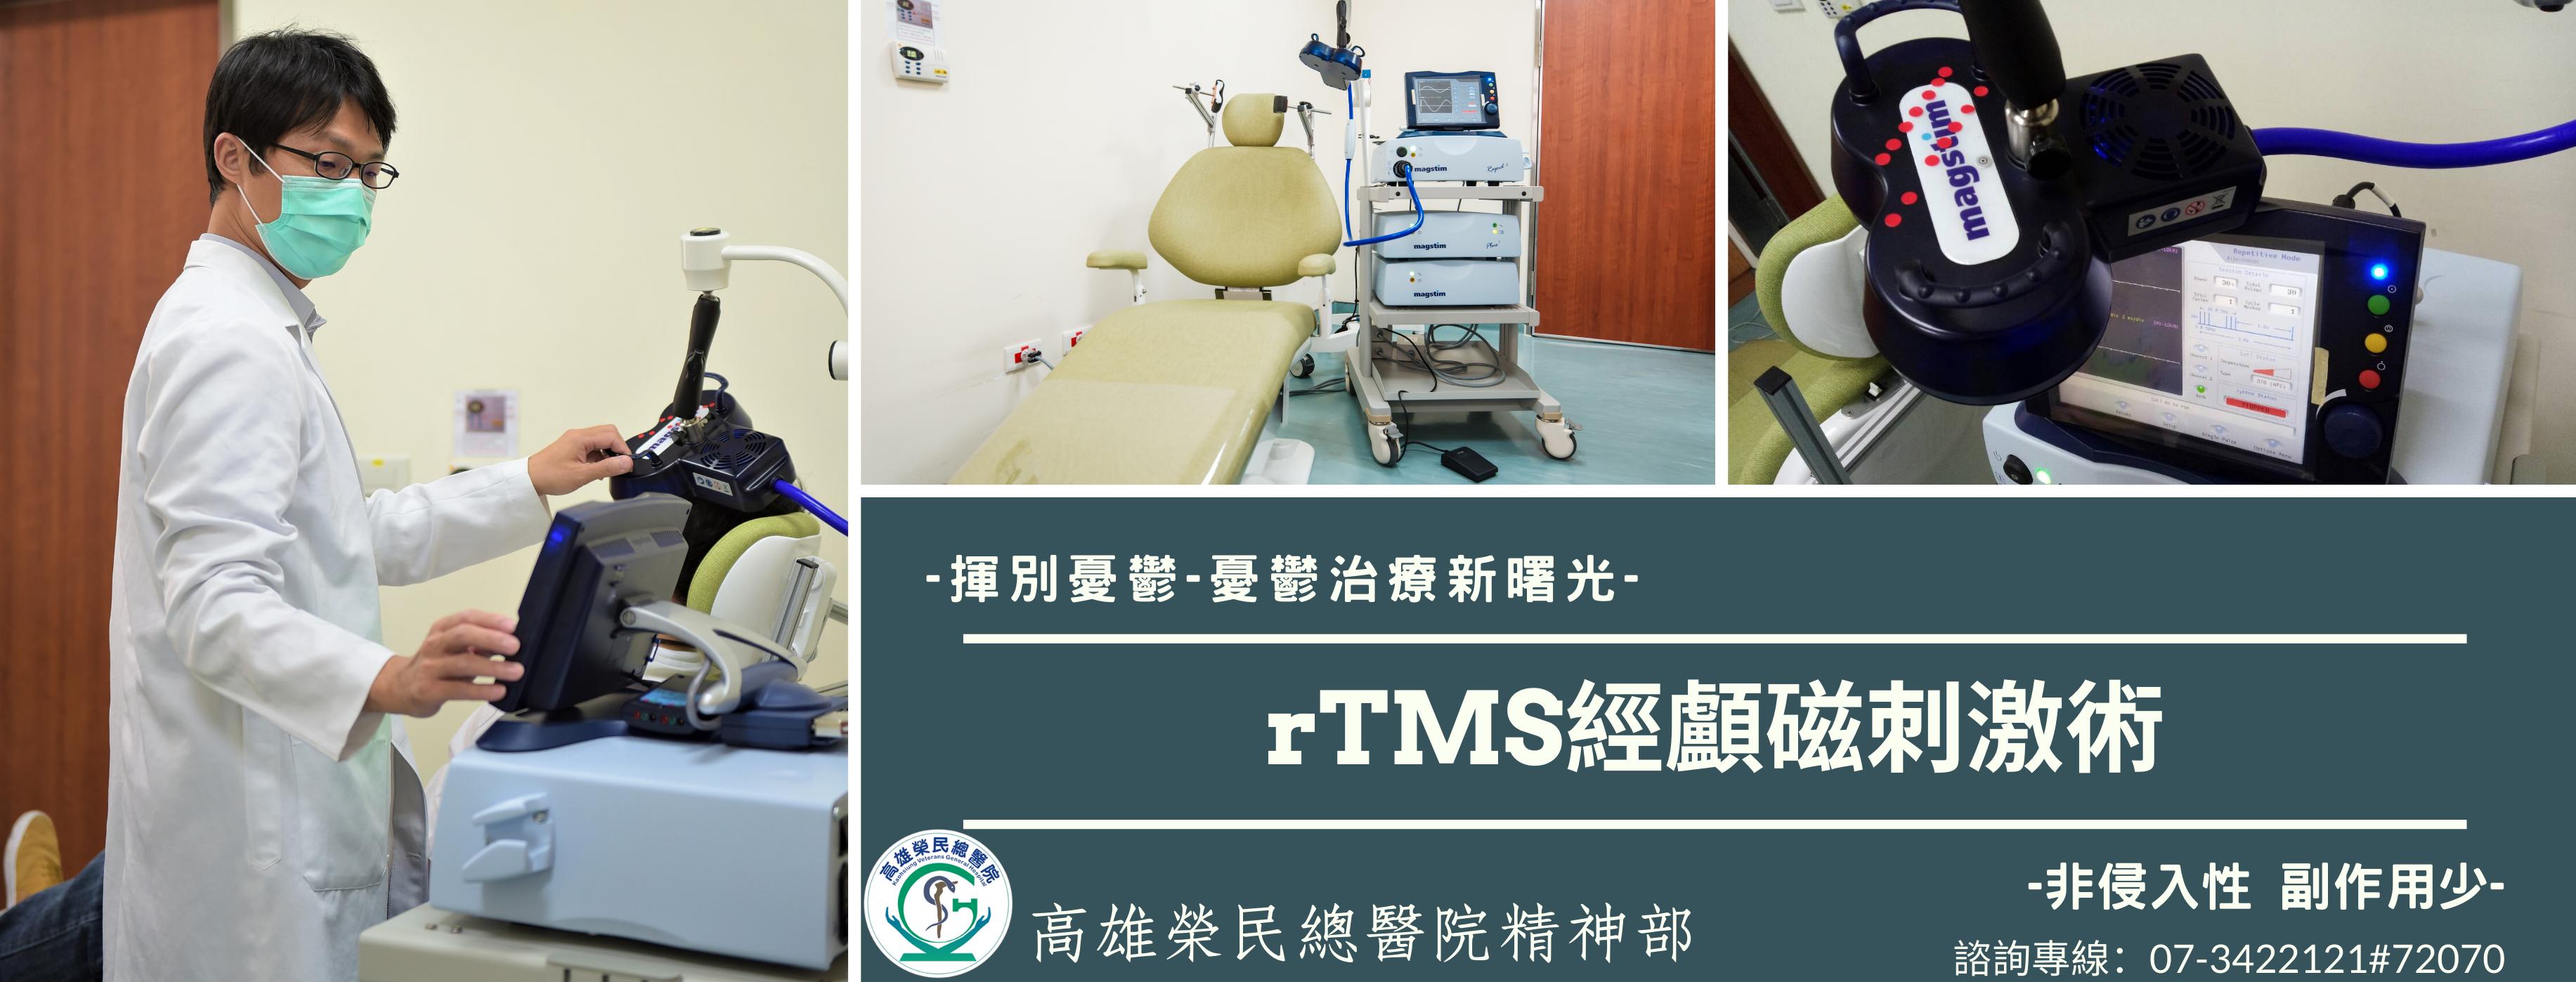 11004 [精神部] - 非侵入性副作用少-TMS經顱磁刺激術(圖片)